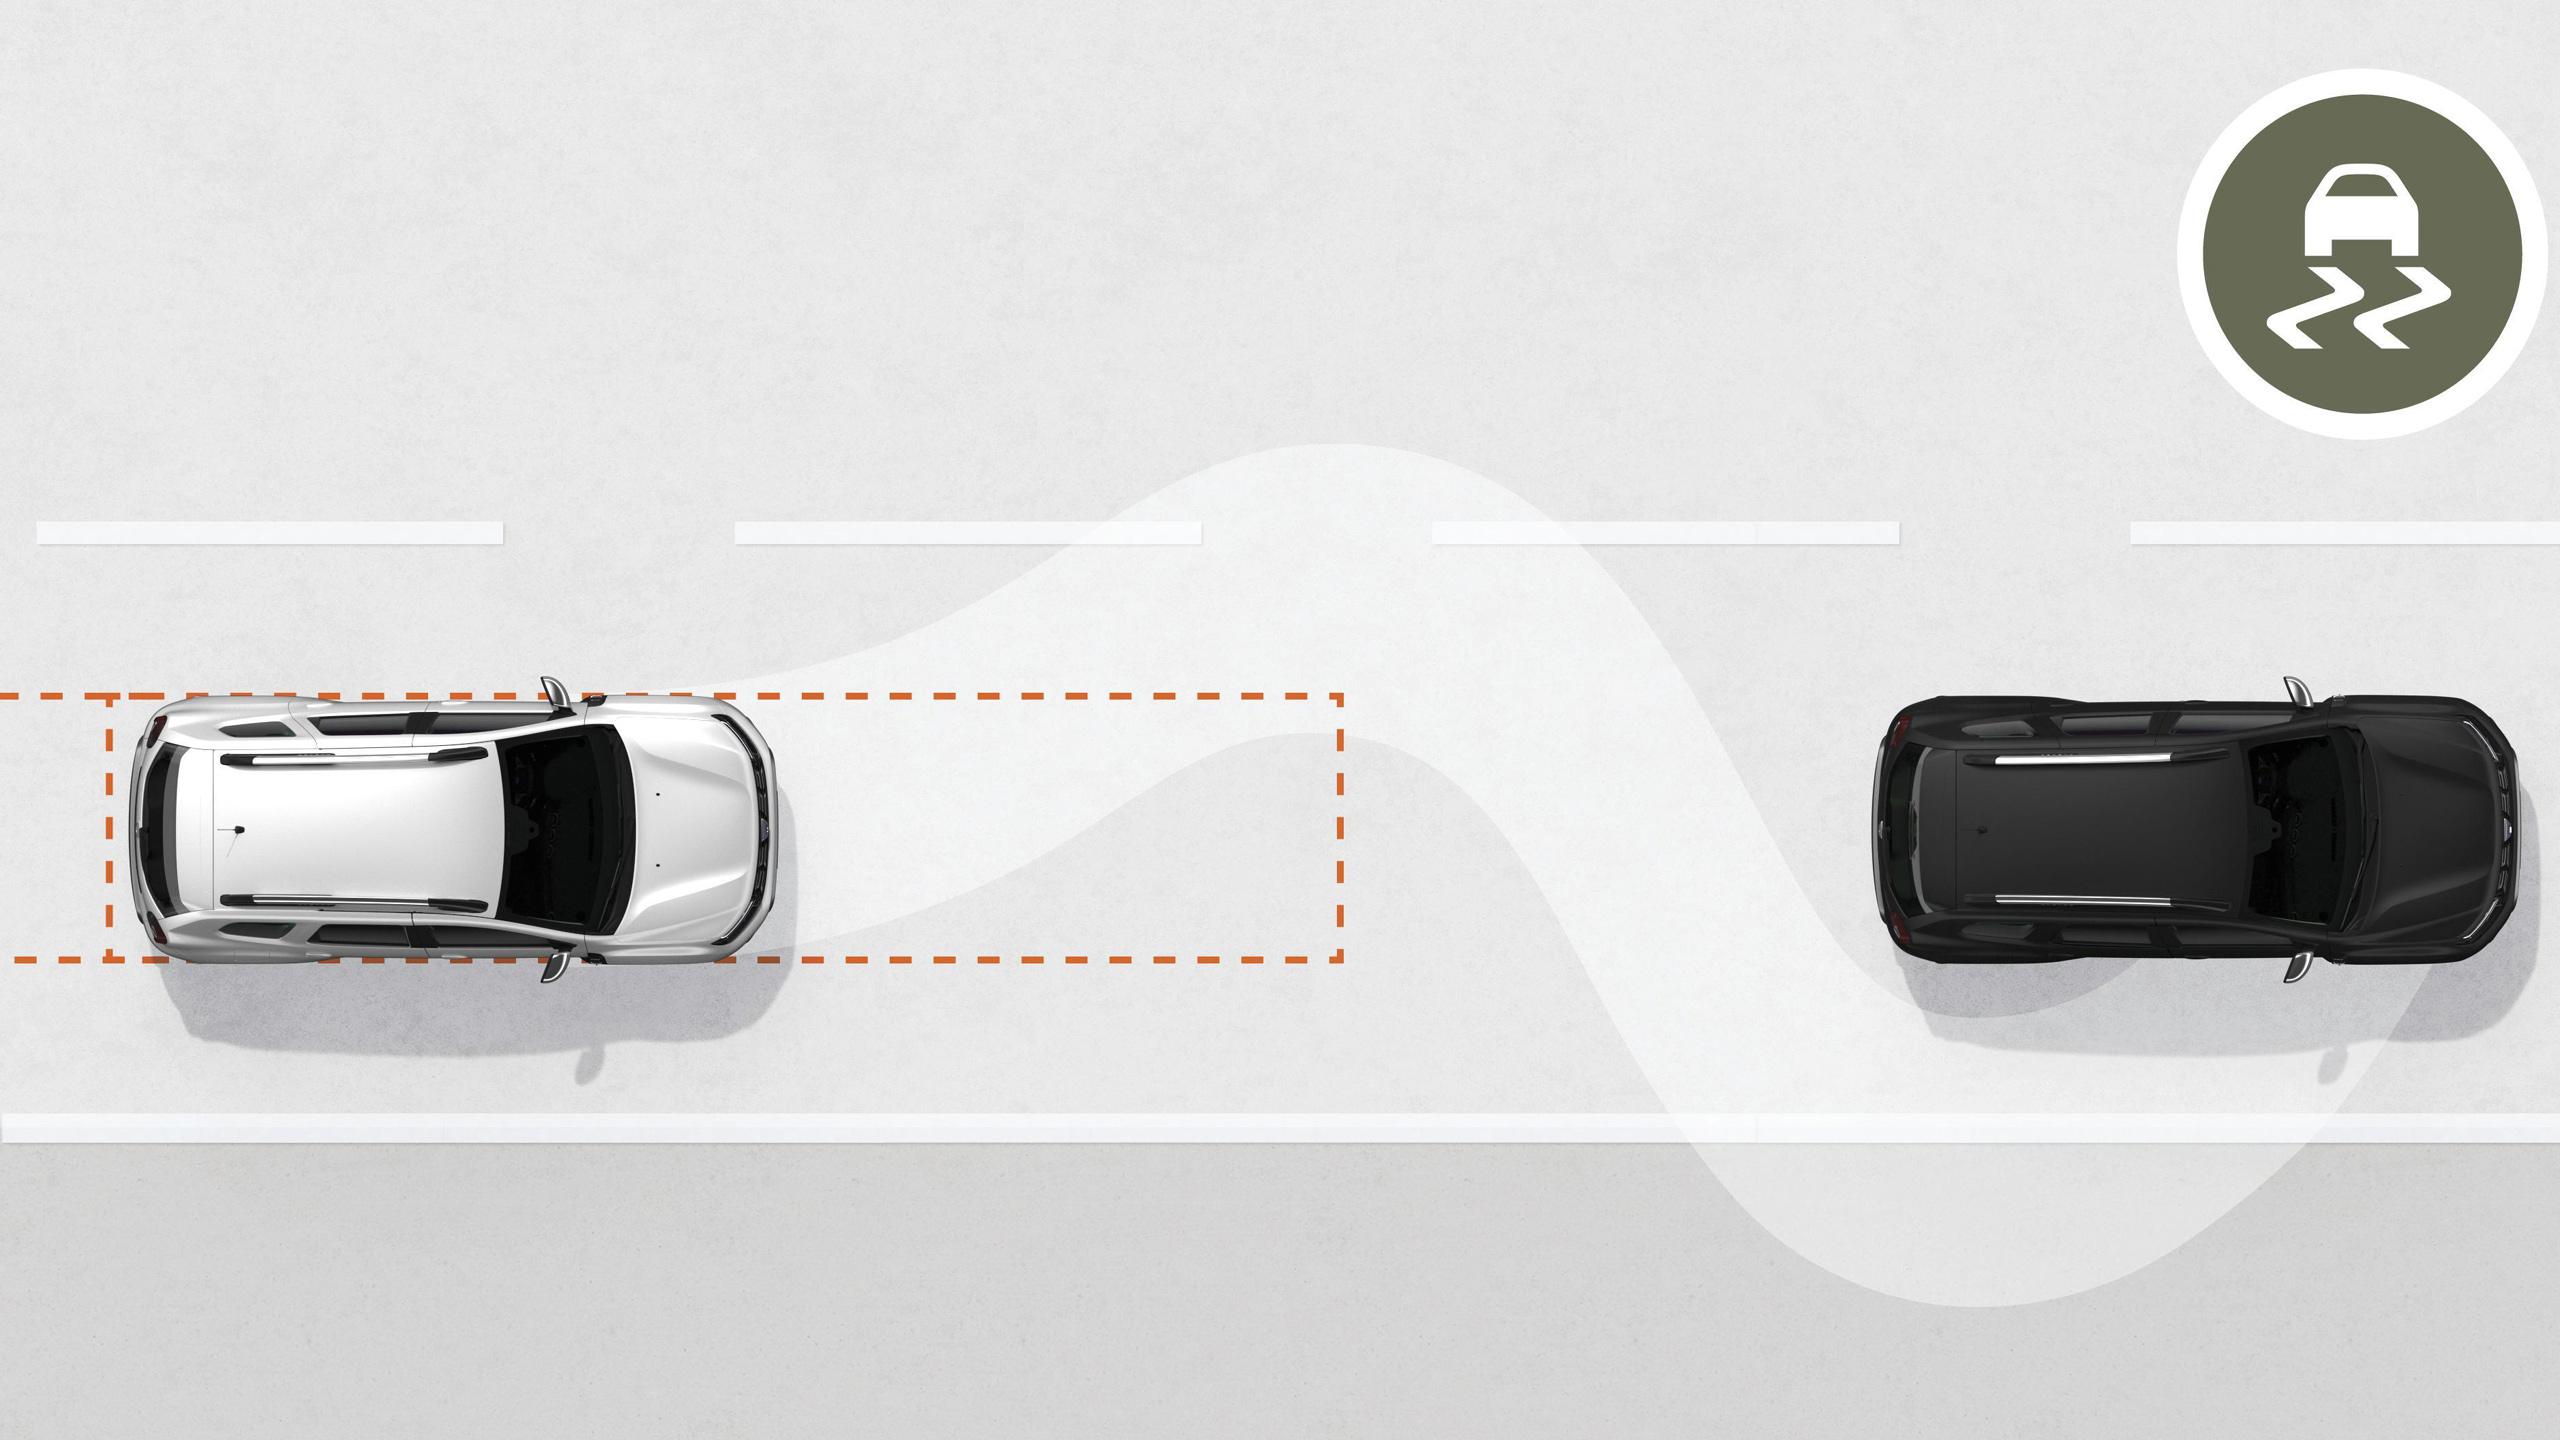 Système anti-blocage des roues (ABS) et fonction antipatinage (ASR)